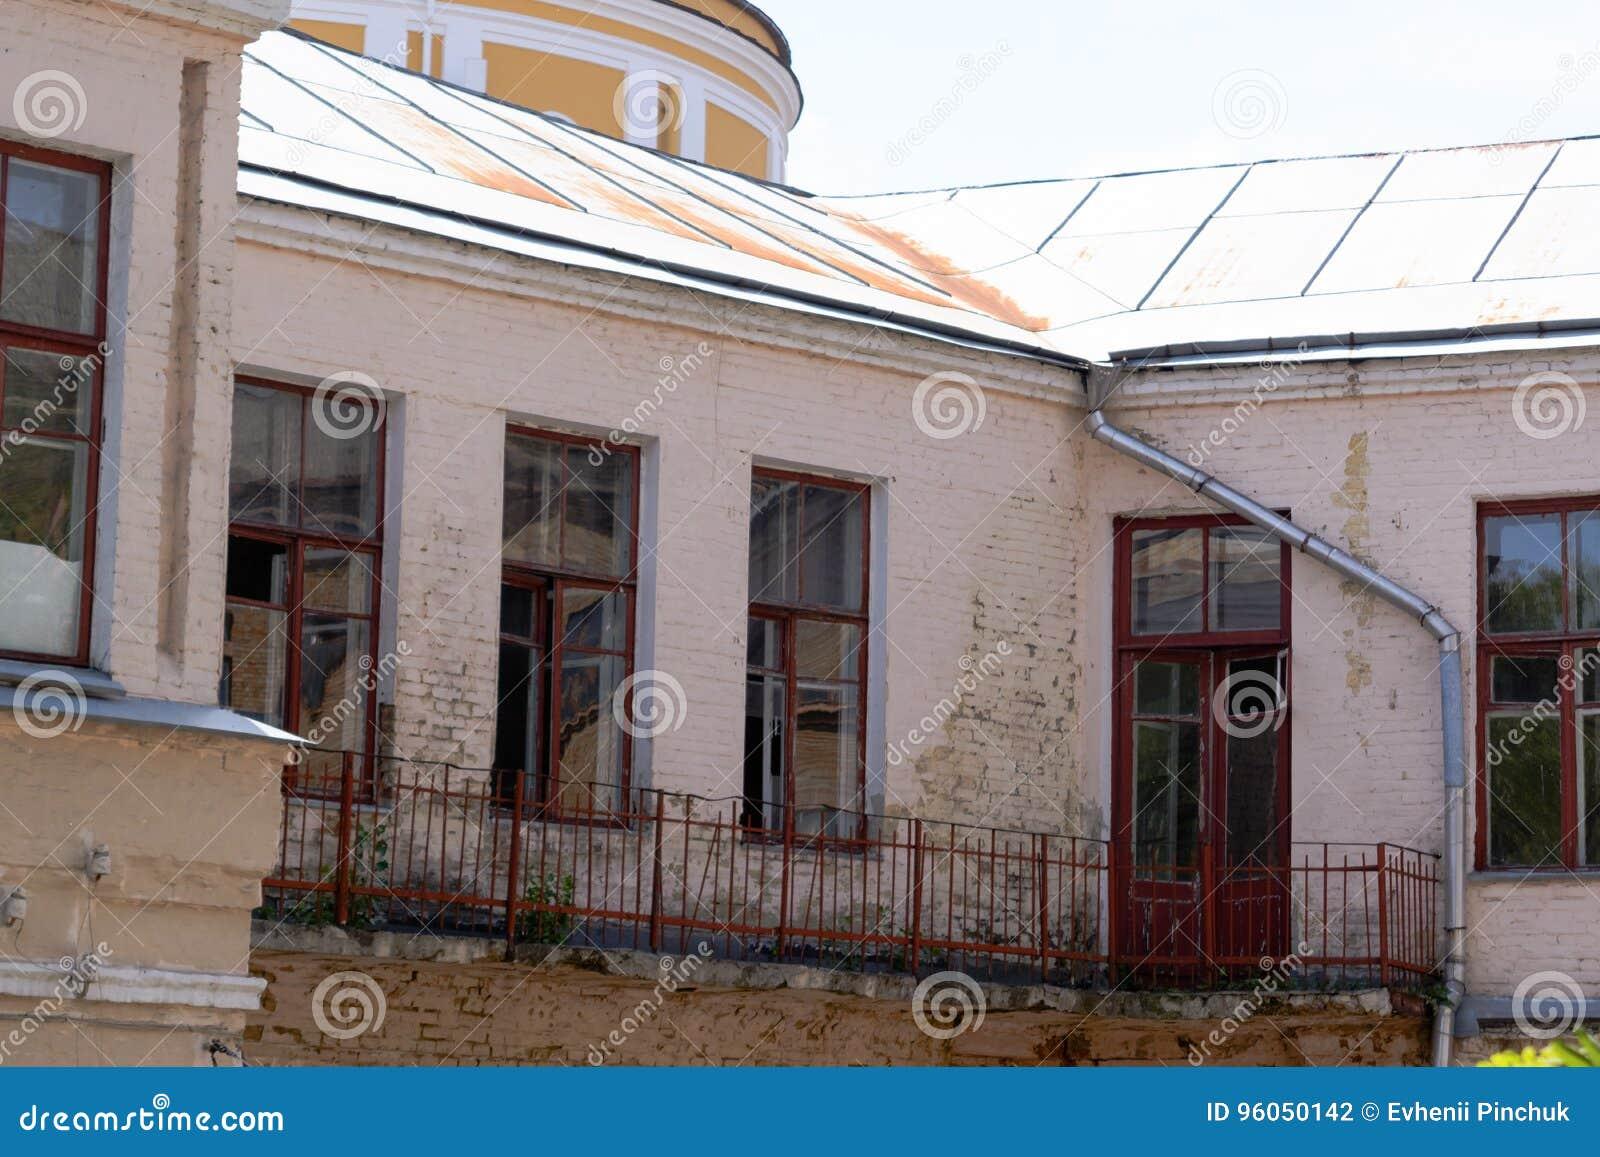 Les vieux détails architecturaux du vintage logent le balcon en bois